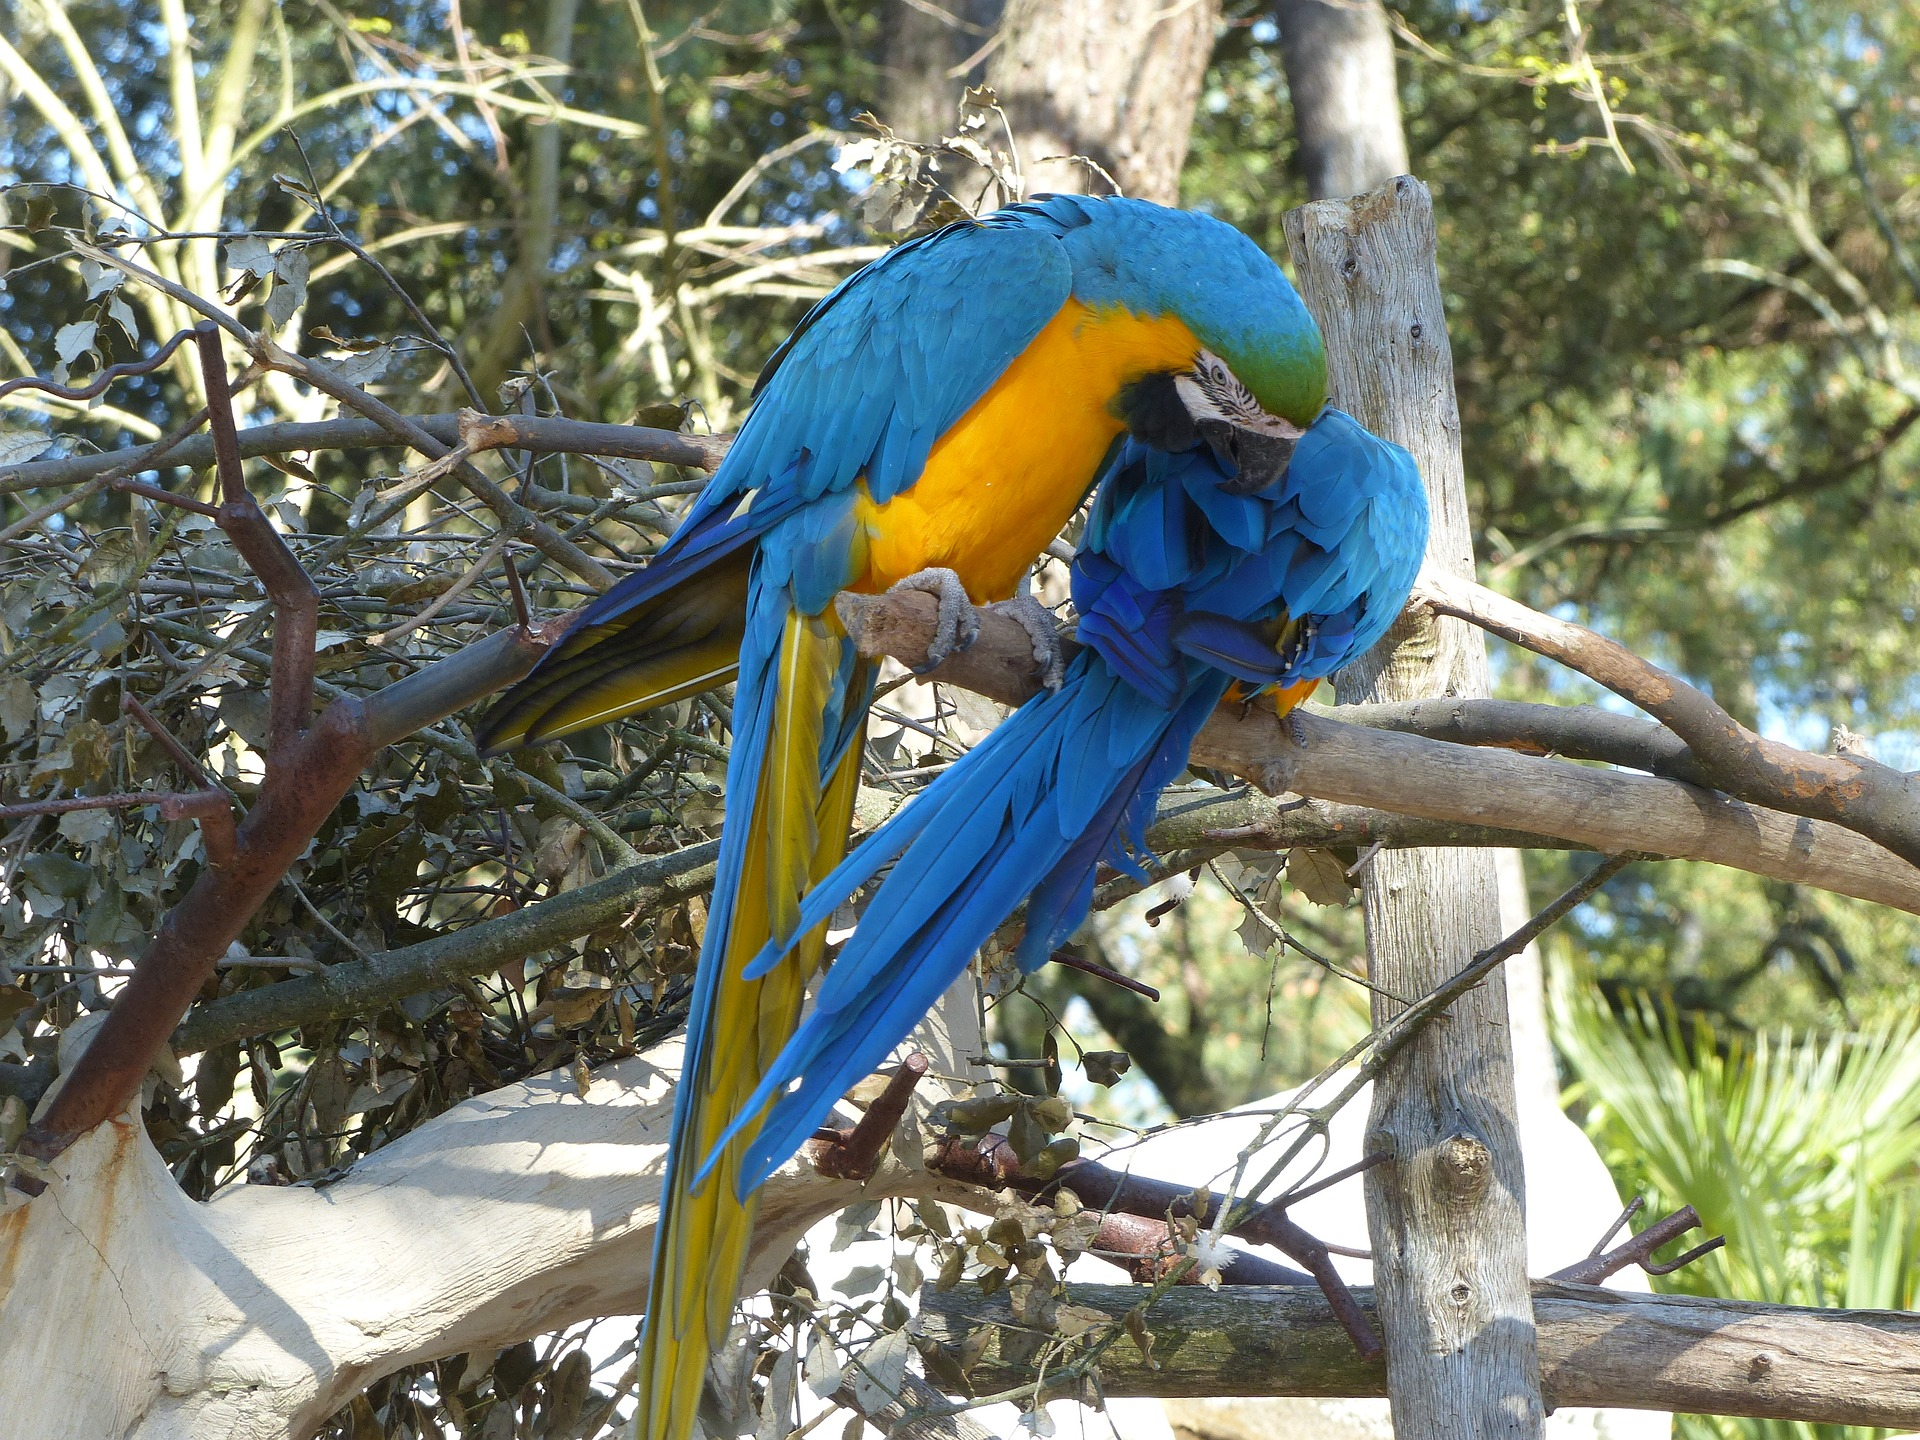 La reproducción del guacamayo azul y amarillo